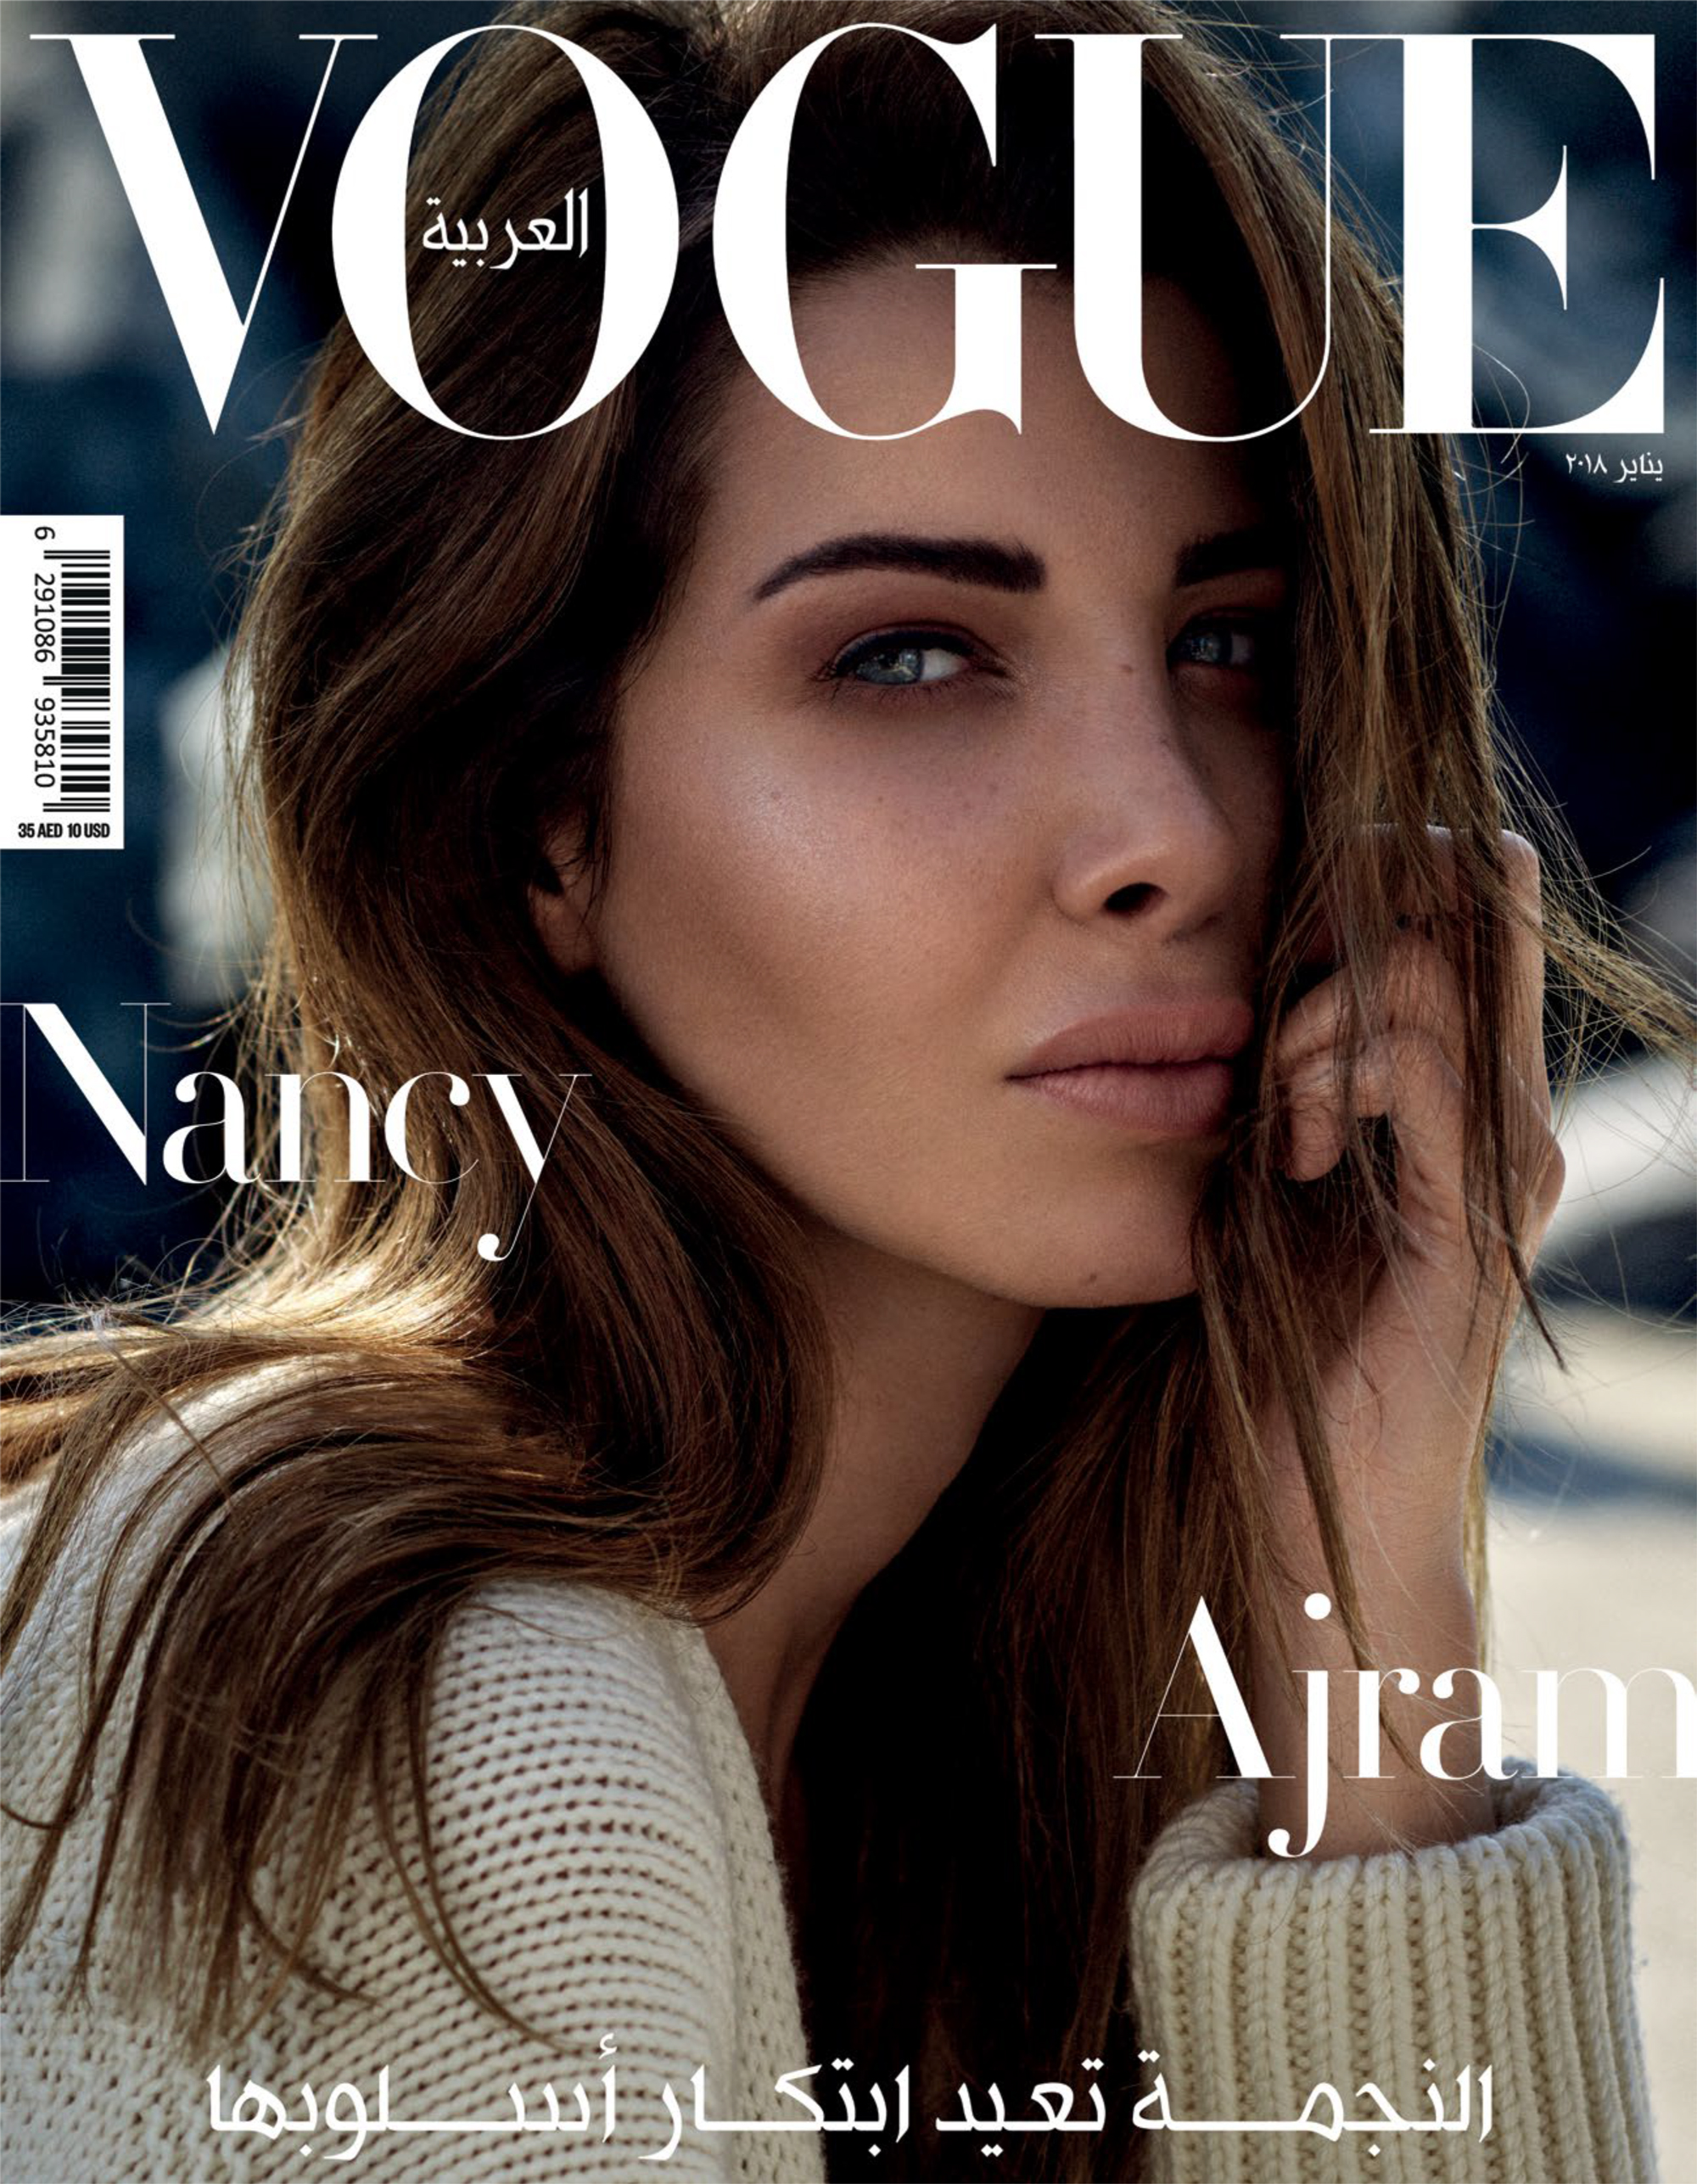 Vogue-Jan-18-10.jpg